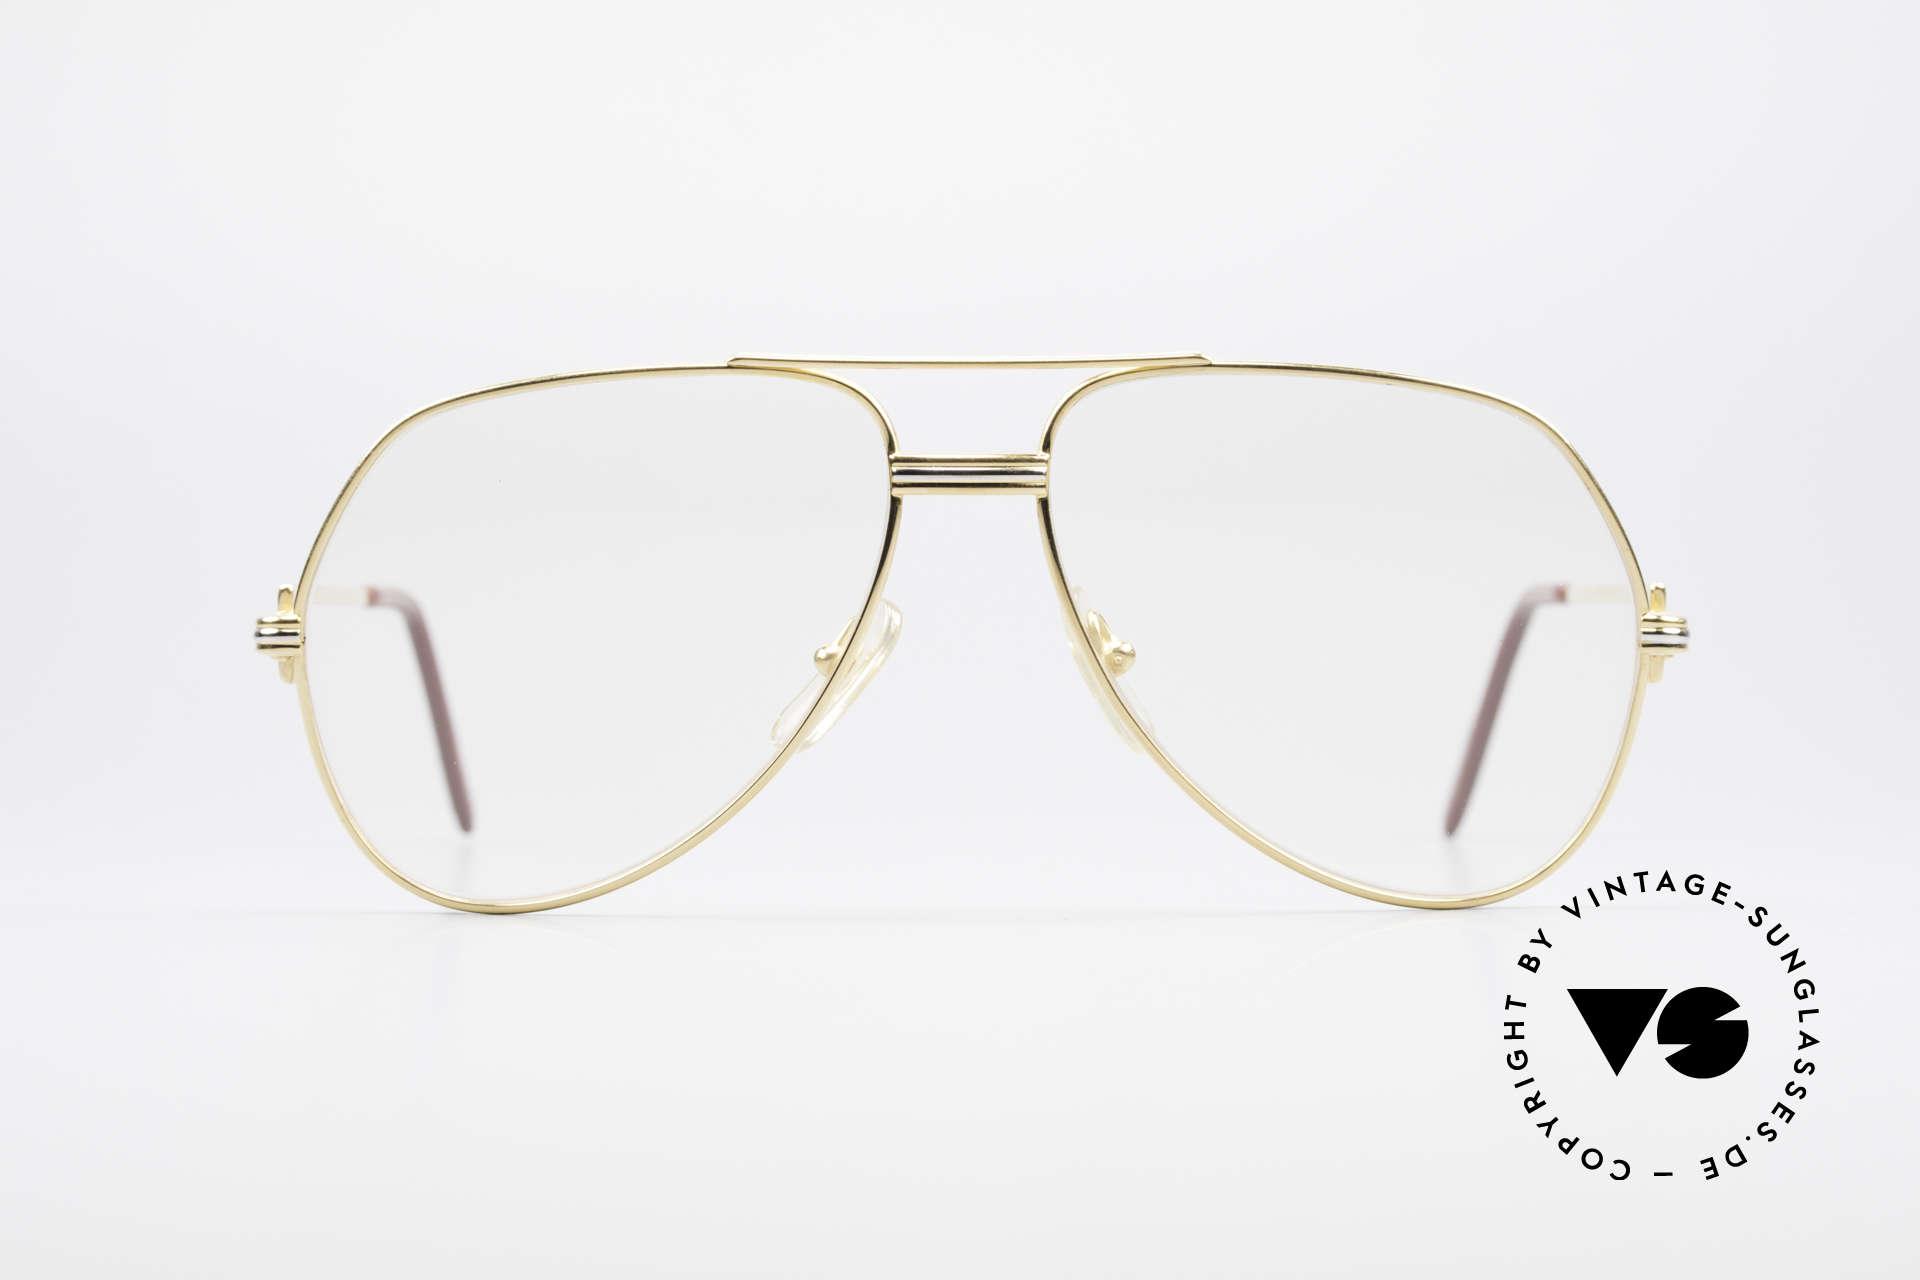 Cartier Vendome LC - M Hauchzeichen Cartier Gläser, wurde 1983 veröffentlicht und dann bis 1997 produziert, Passend für Herren und Damen